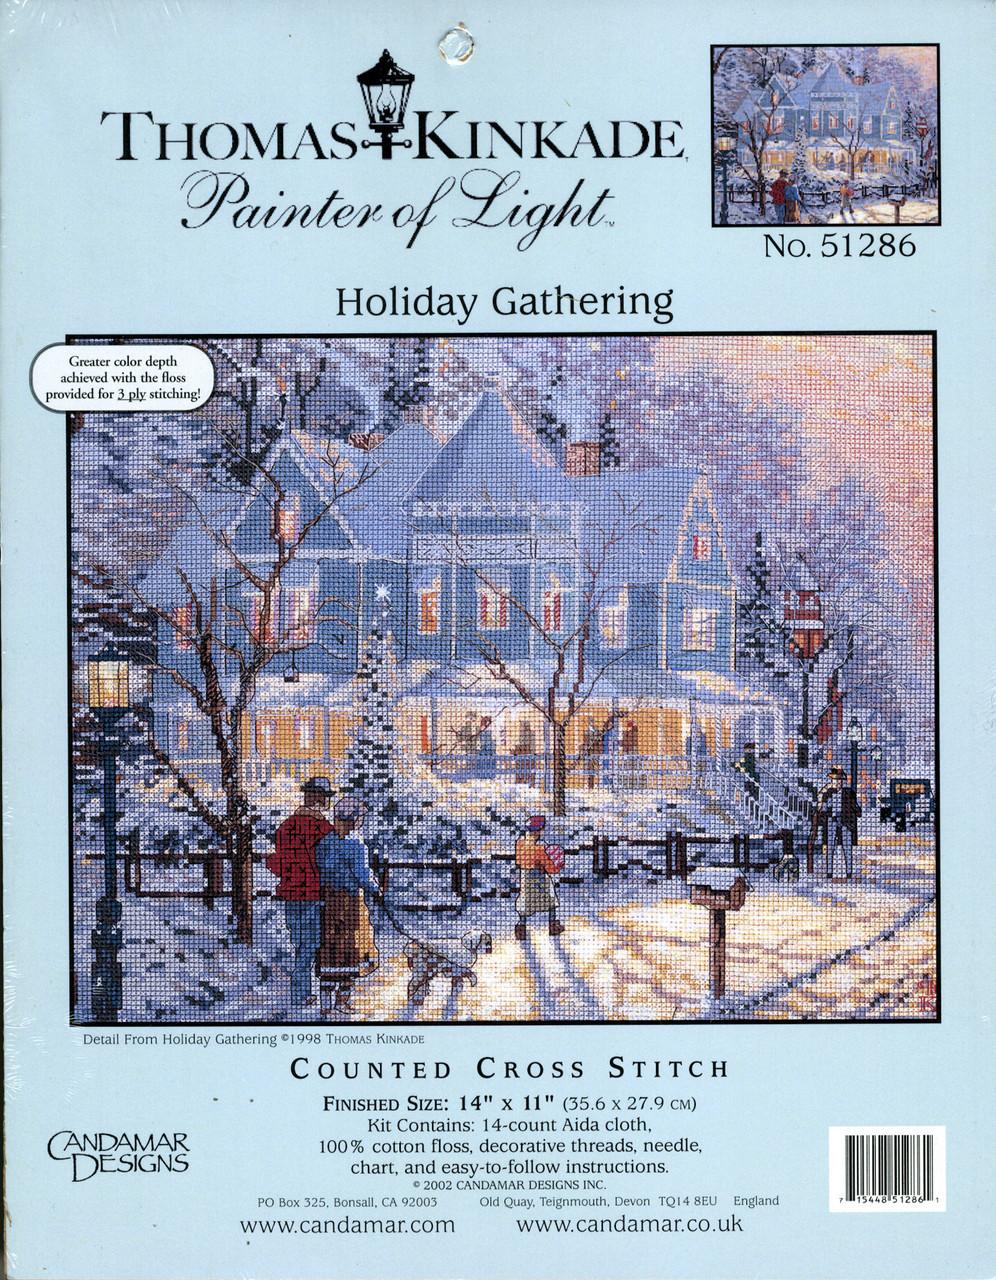 Candamar / Thomas Kinkade - Holiday Gathering